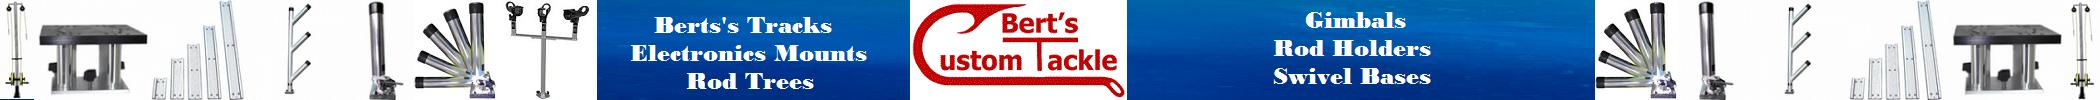 bertstackle2100x100.png